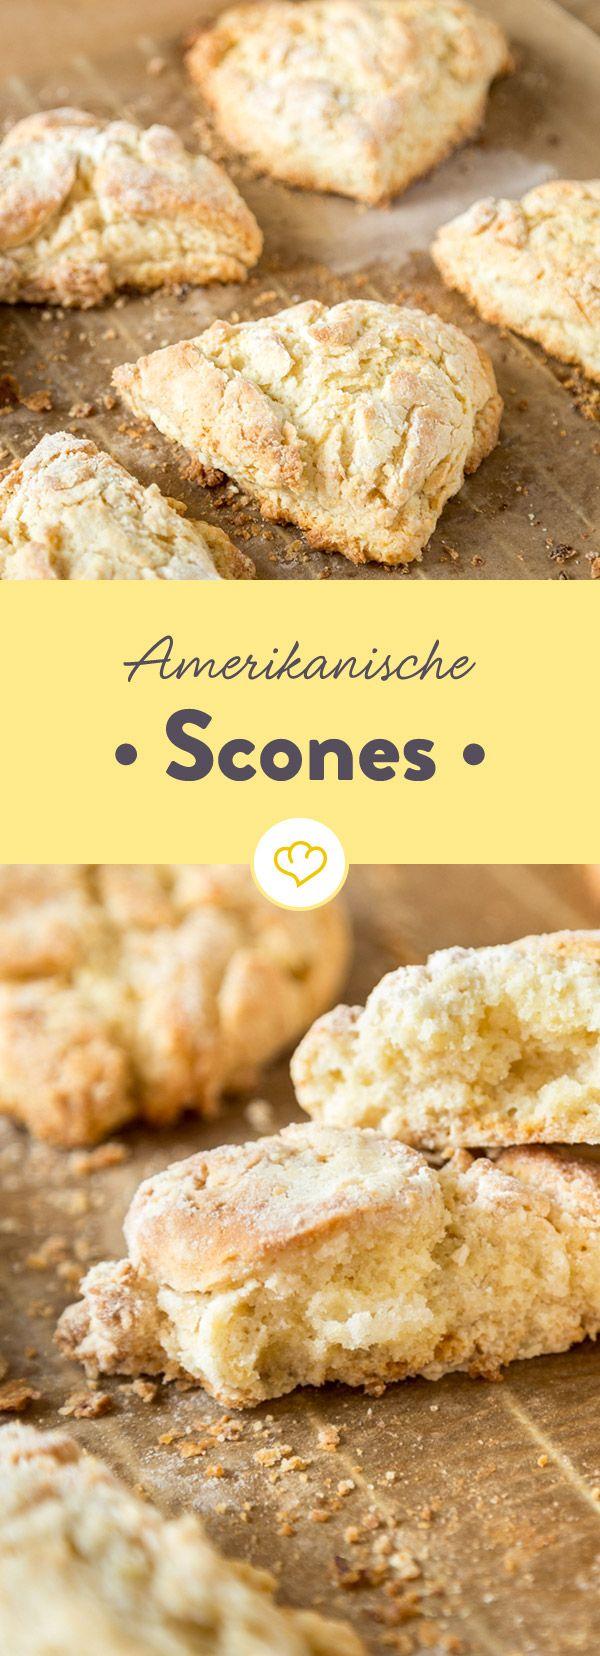 Das Geheimnis von amerikanischen Scones? Eine Handvoll Zucker, ein Schuss Sahne und eiskalte Butter - vor dem Kneten unbedingt in das Gefrierfach geben.